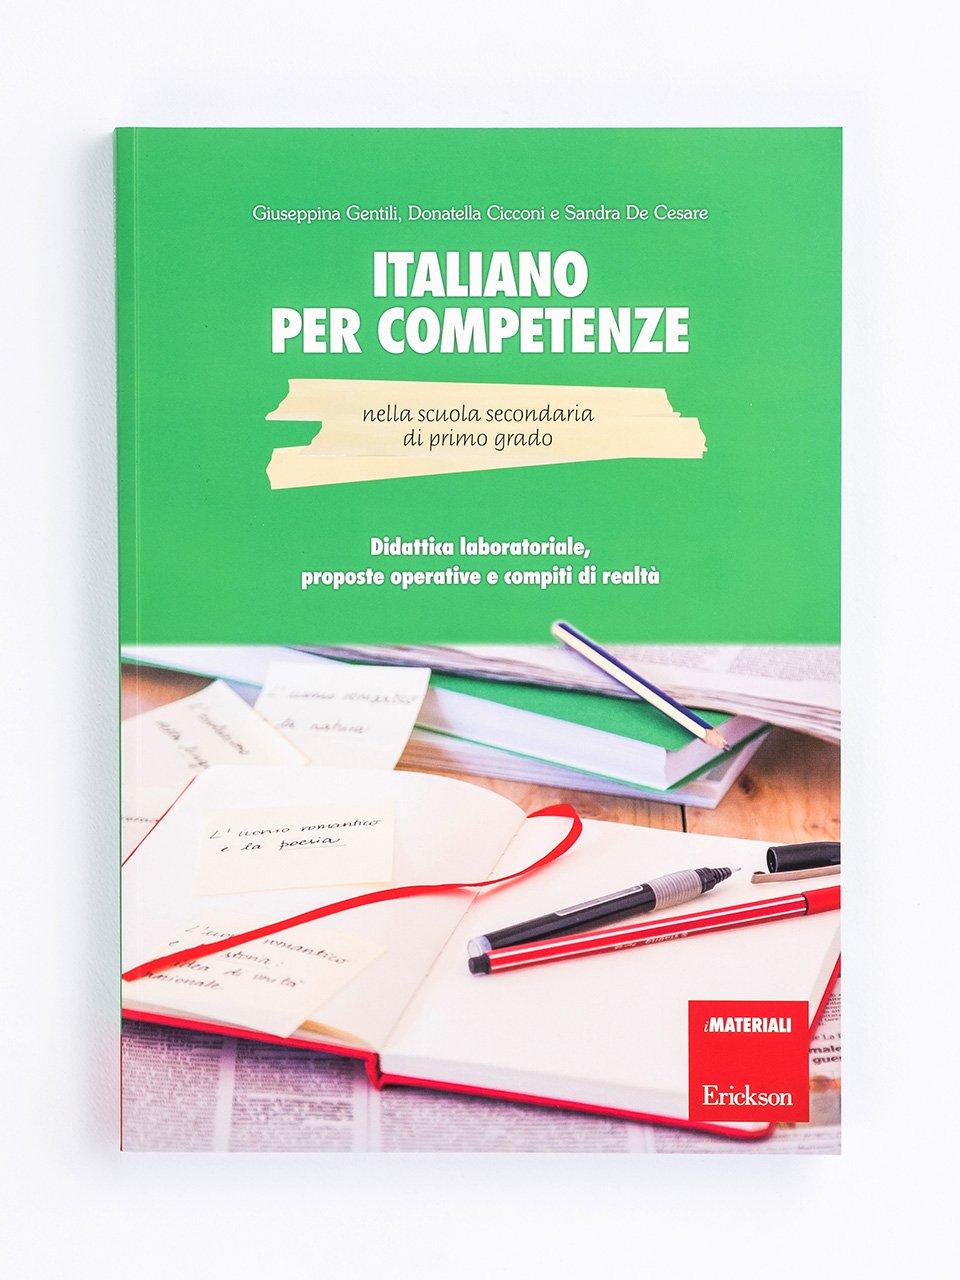 Italiano per competenze nella scuola secondaria di primo grado - Giuseppina Gentili - Erickson